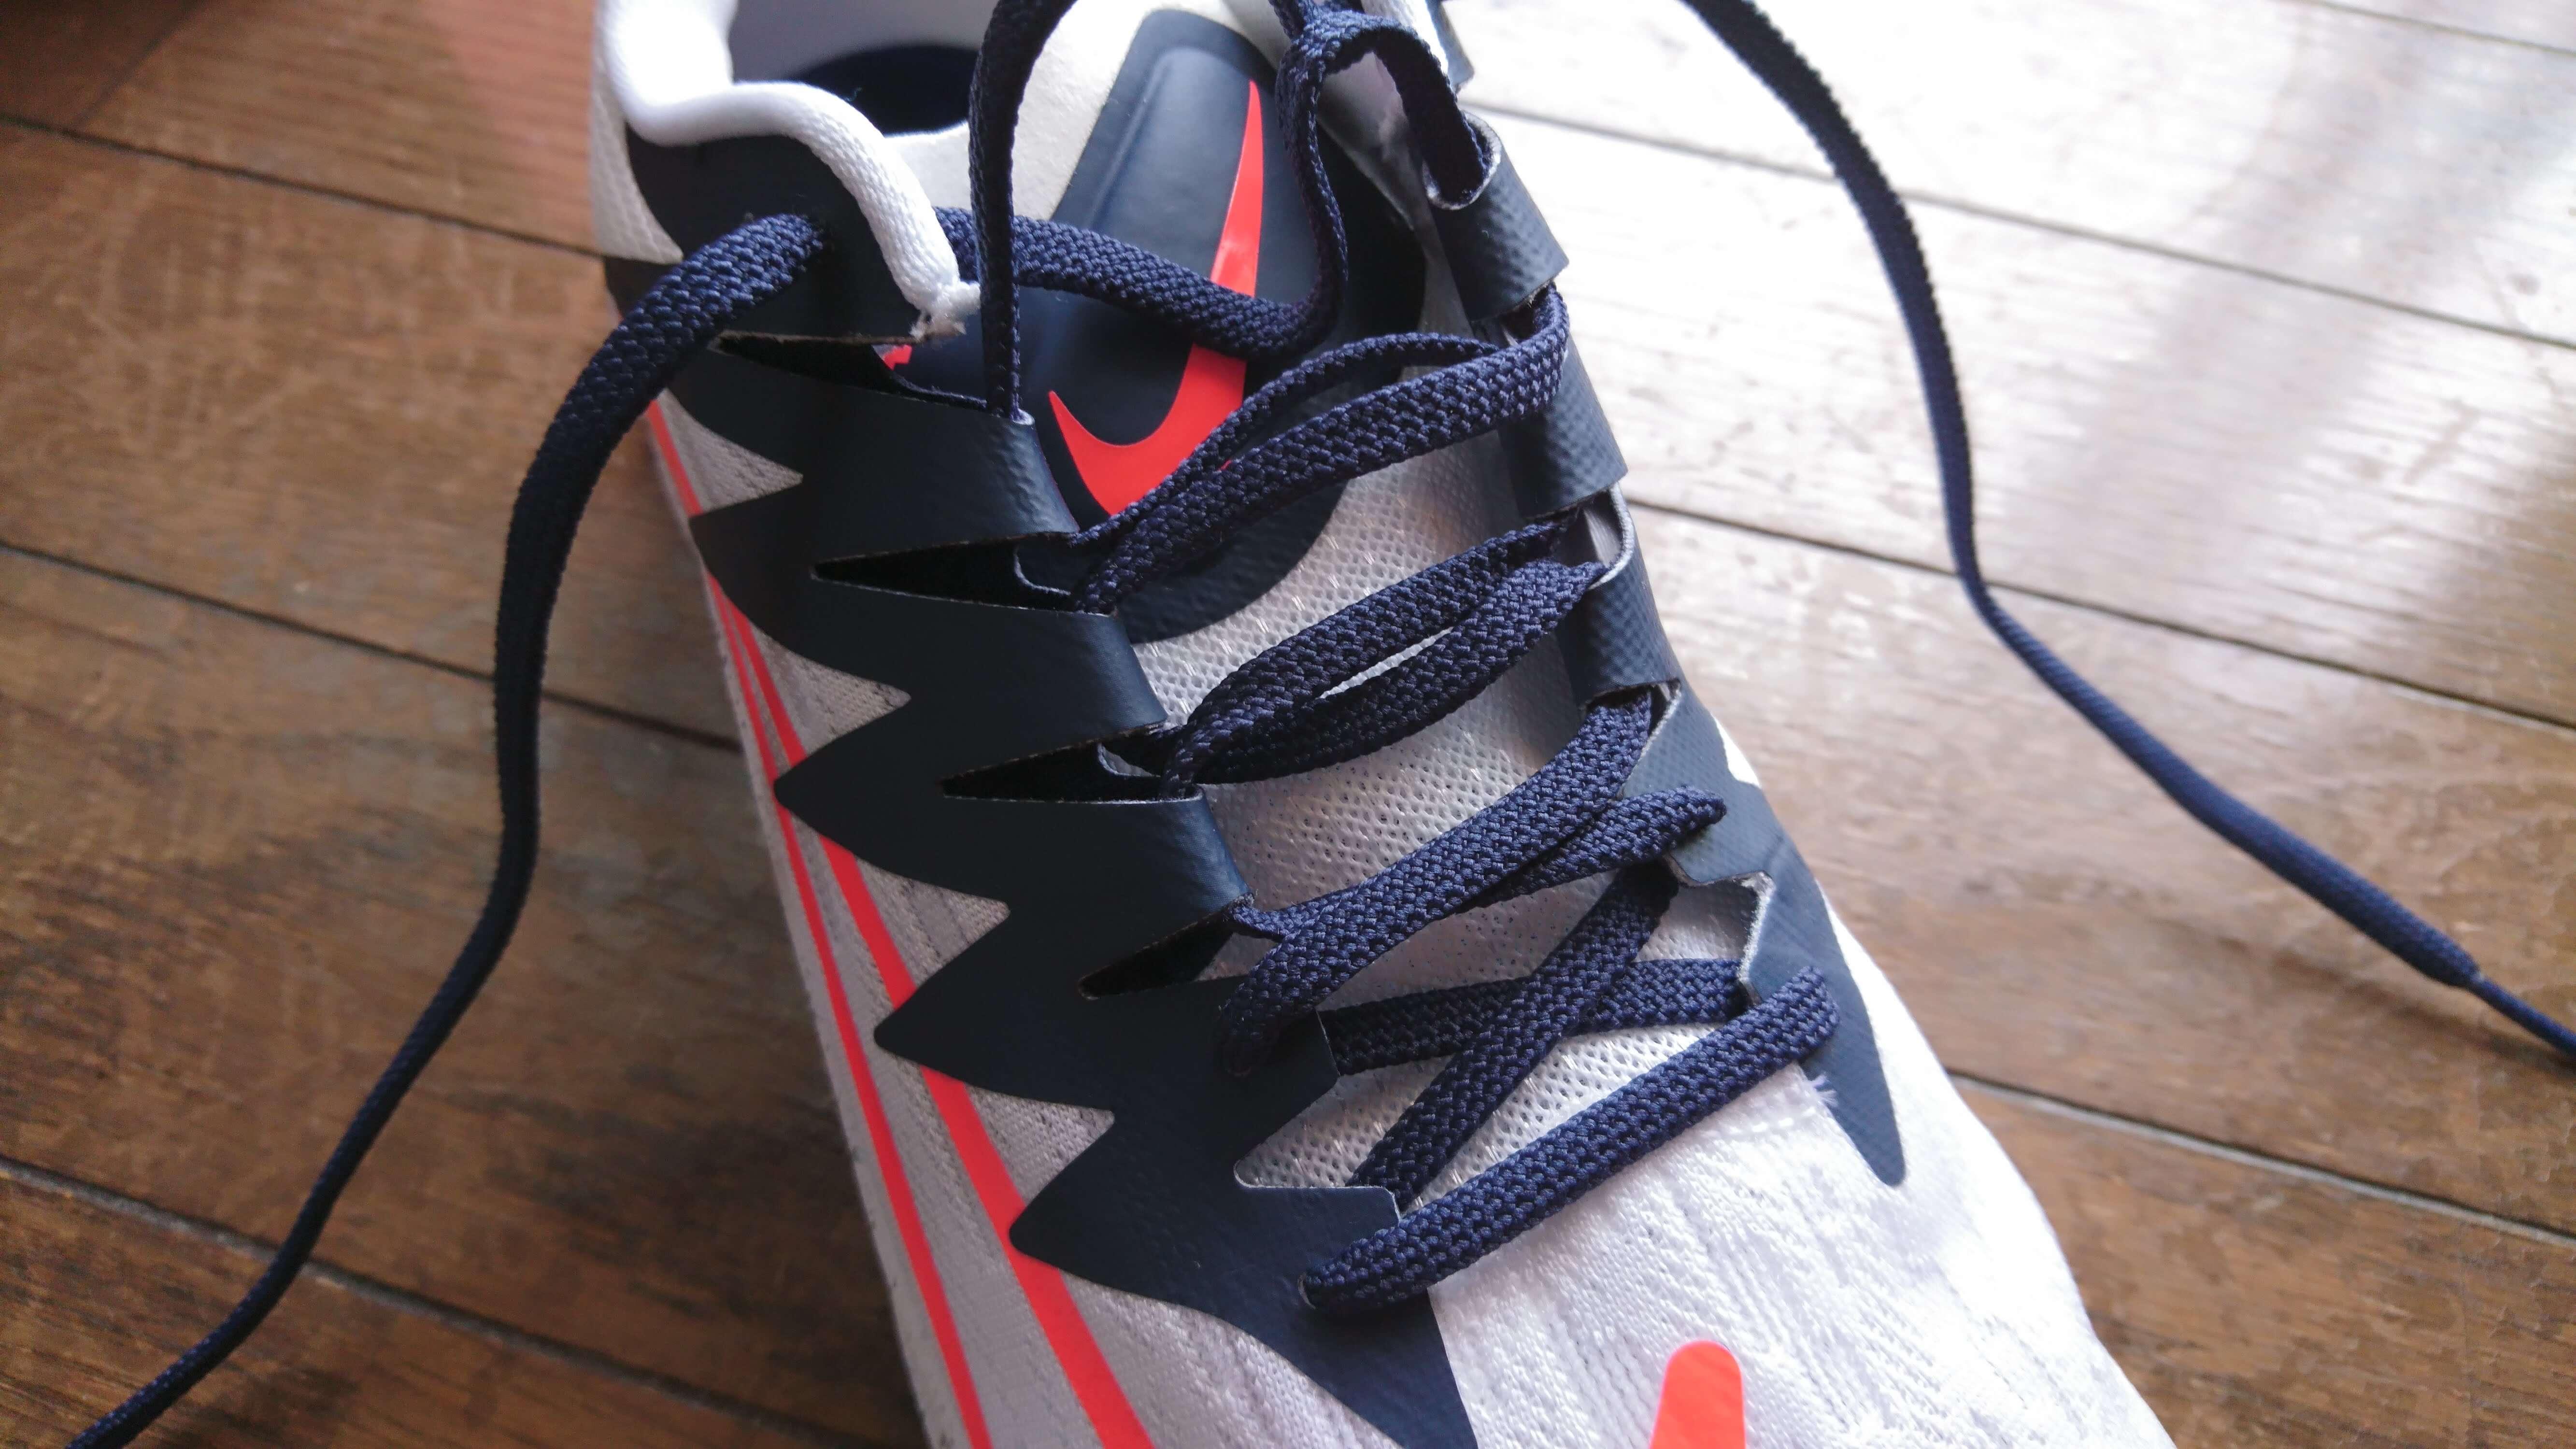 ナイキ ズームライバルフライ 靴紐